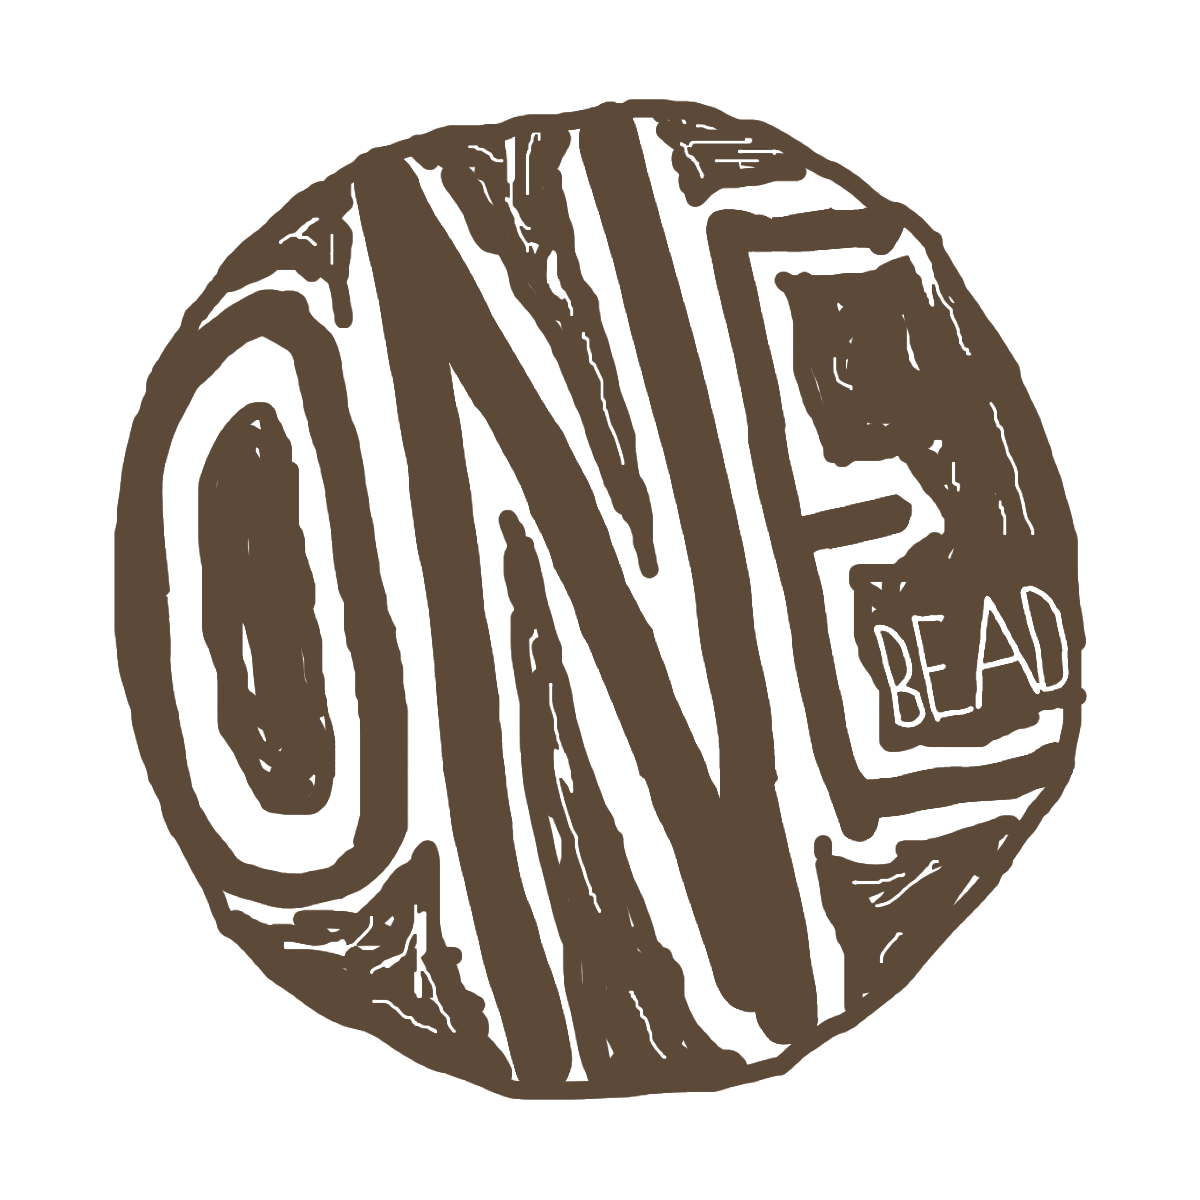 one-bead-project_processed_152f08b2f0a6ca018f8d18c15cf484b35cc6b21309f7b172ef820dc1a77ffe82_logo.png